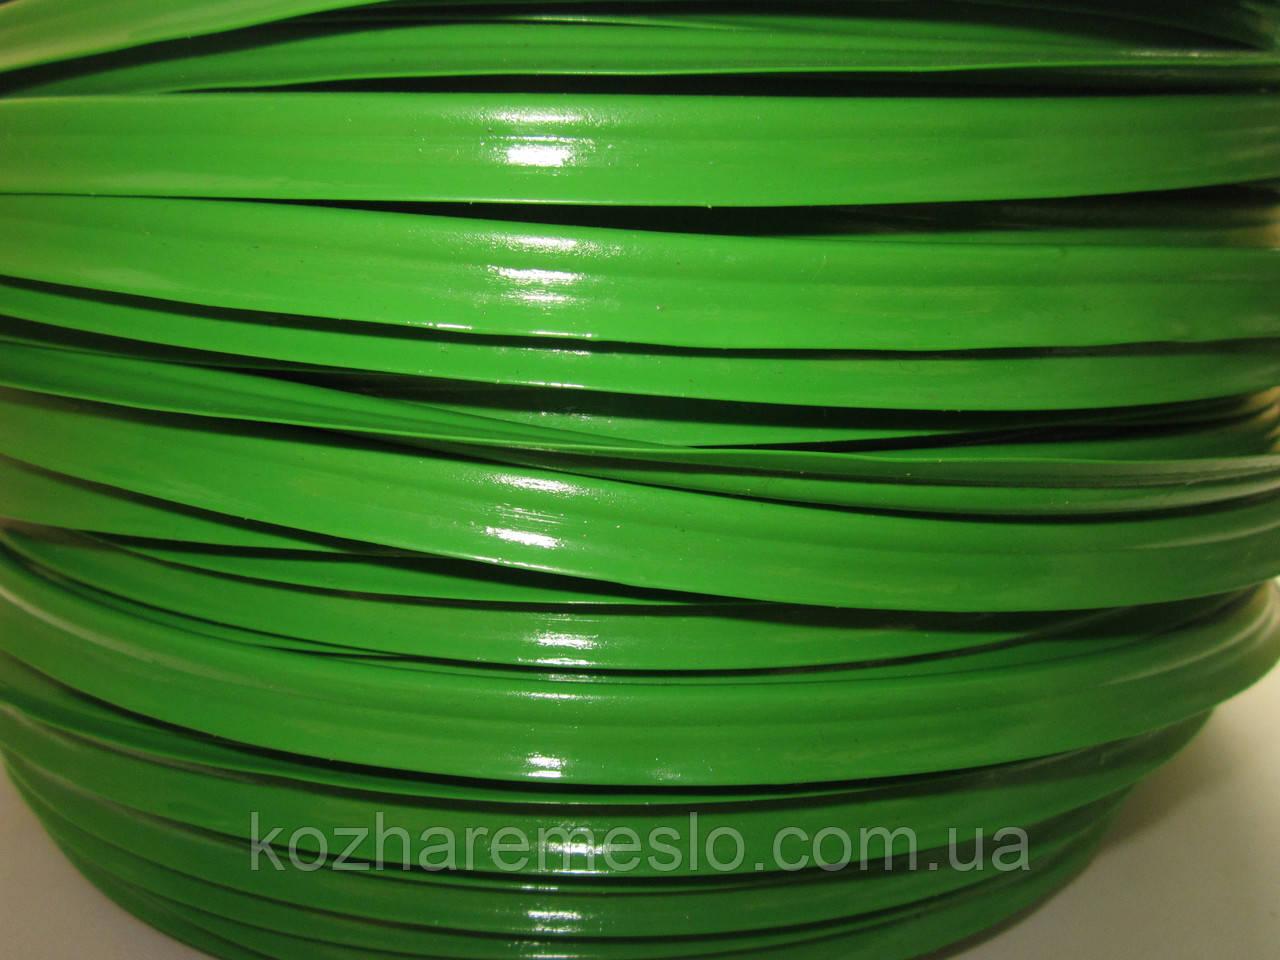 Кедер (кедрик) кант шовный полиэтиленовый зелёный